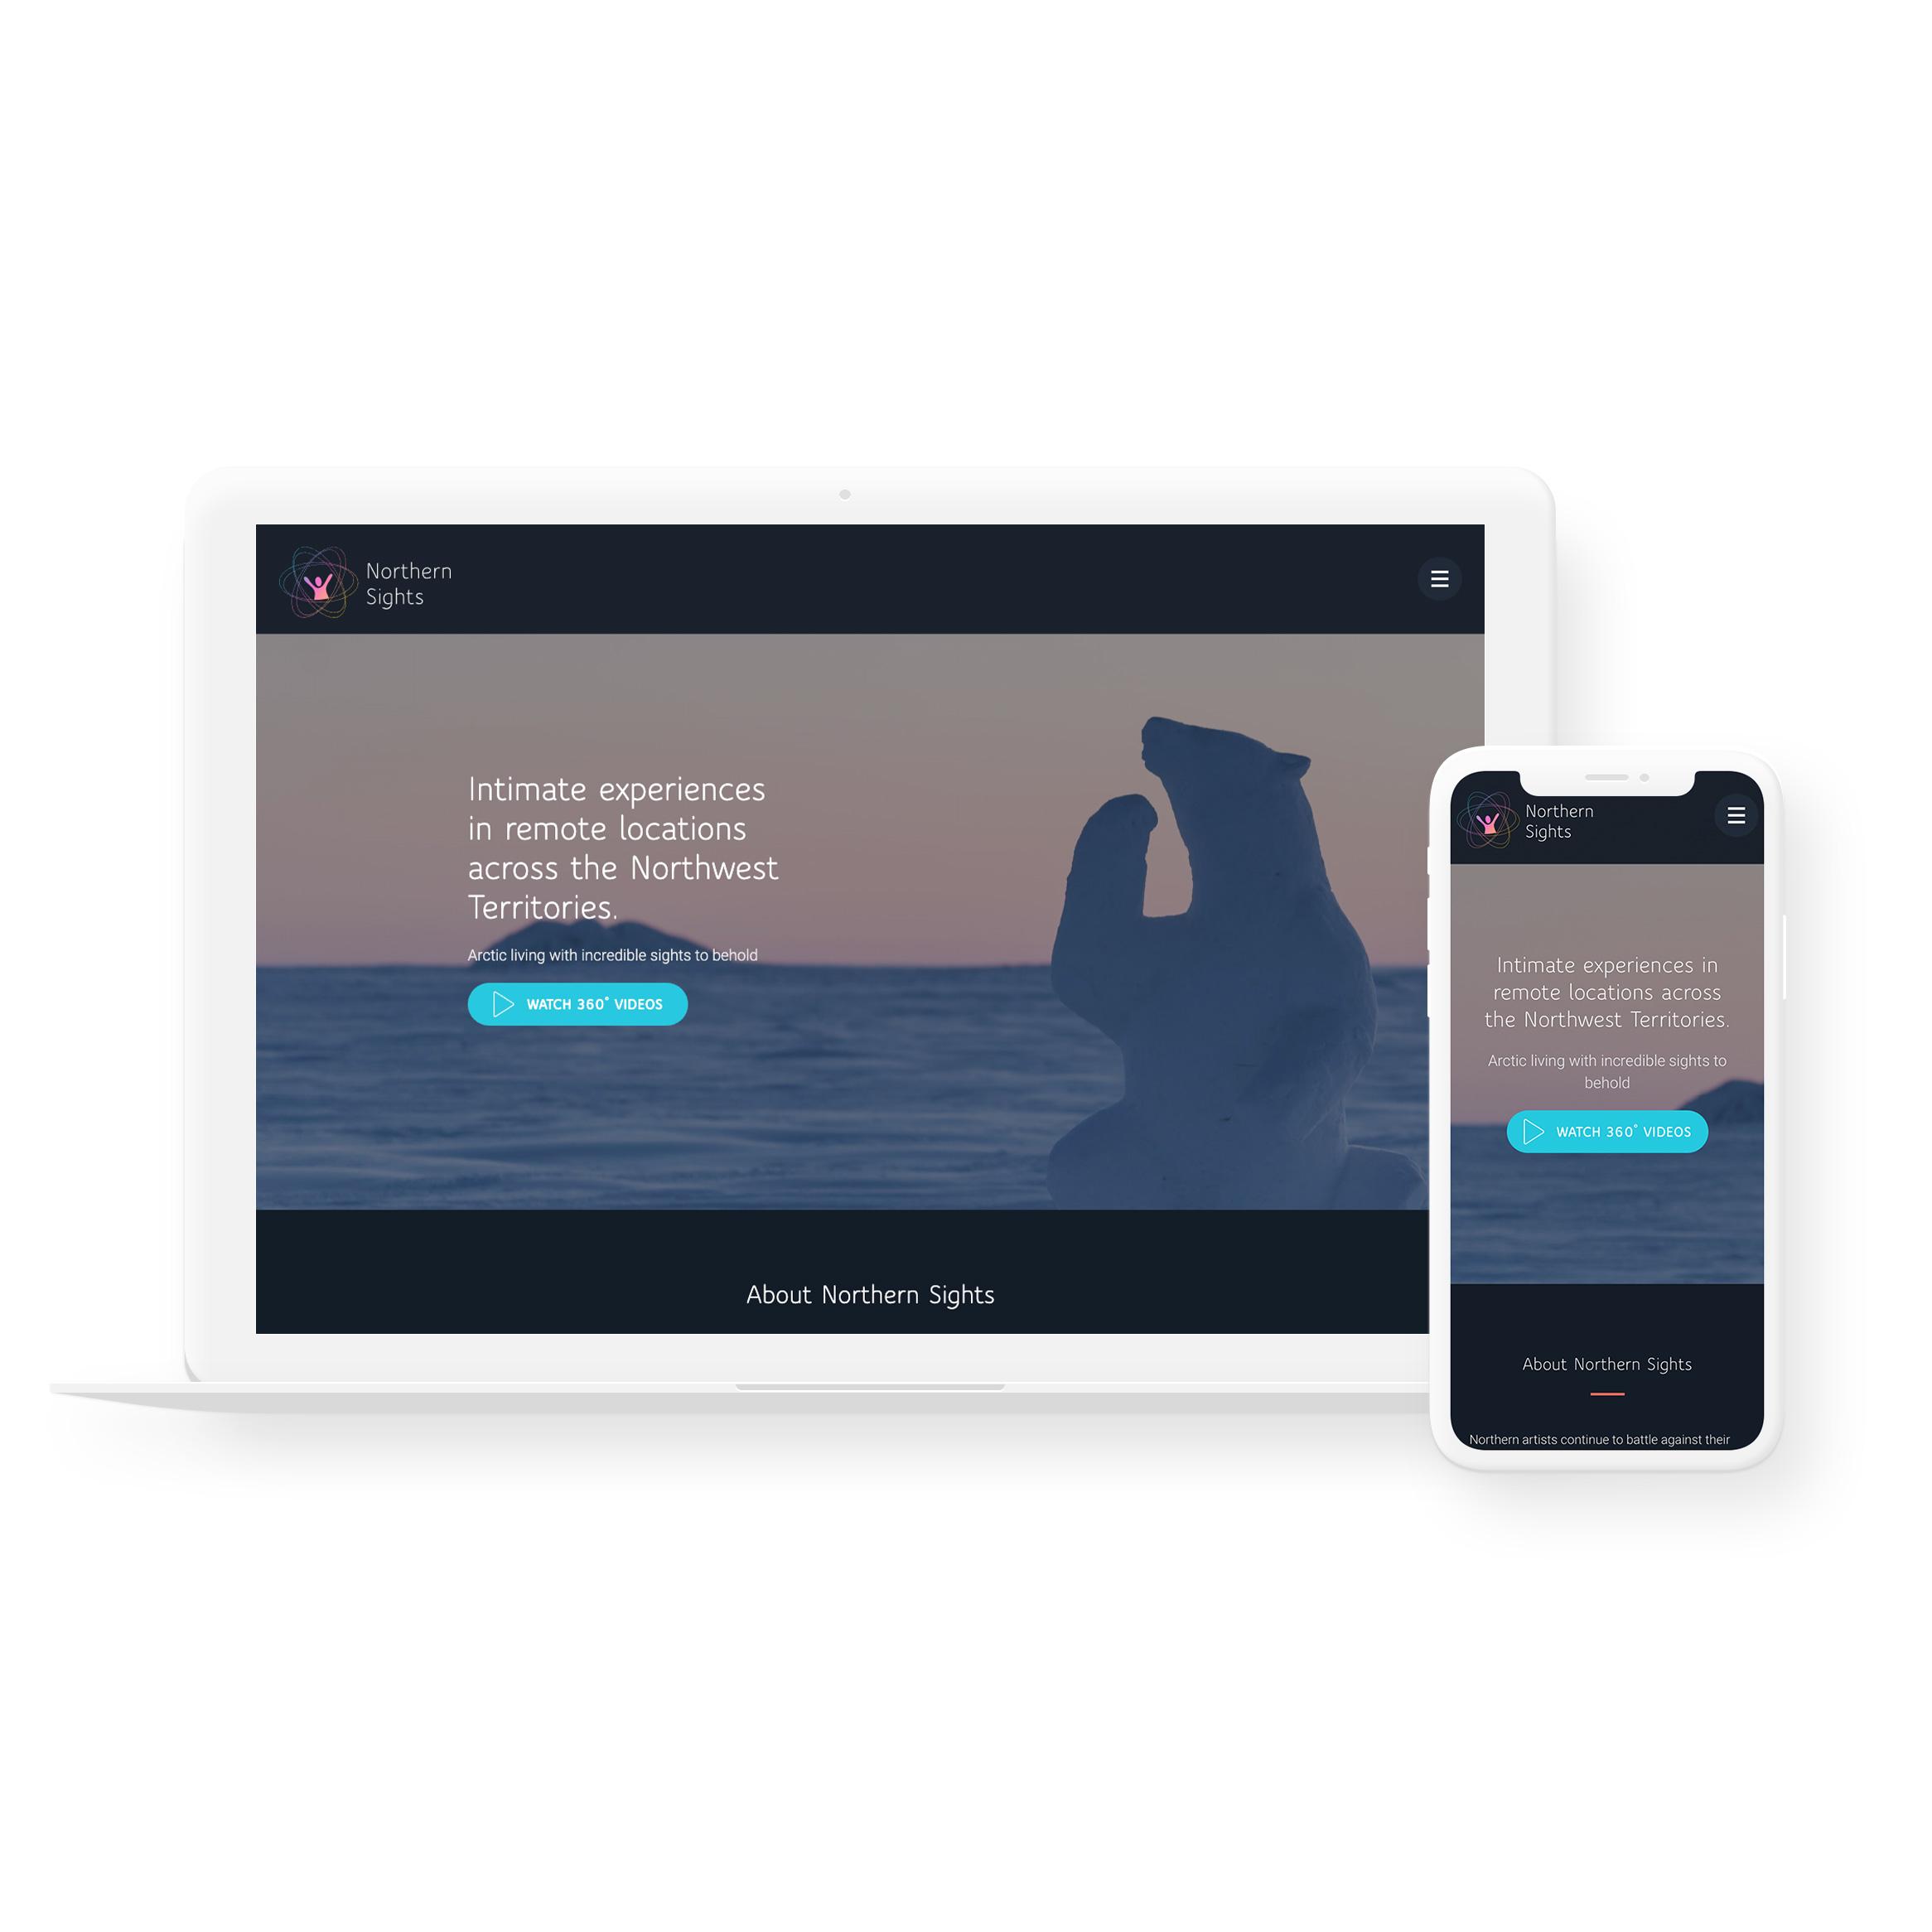 Sample image of website design showing desktop and mobile versions for Northern Sights